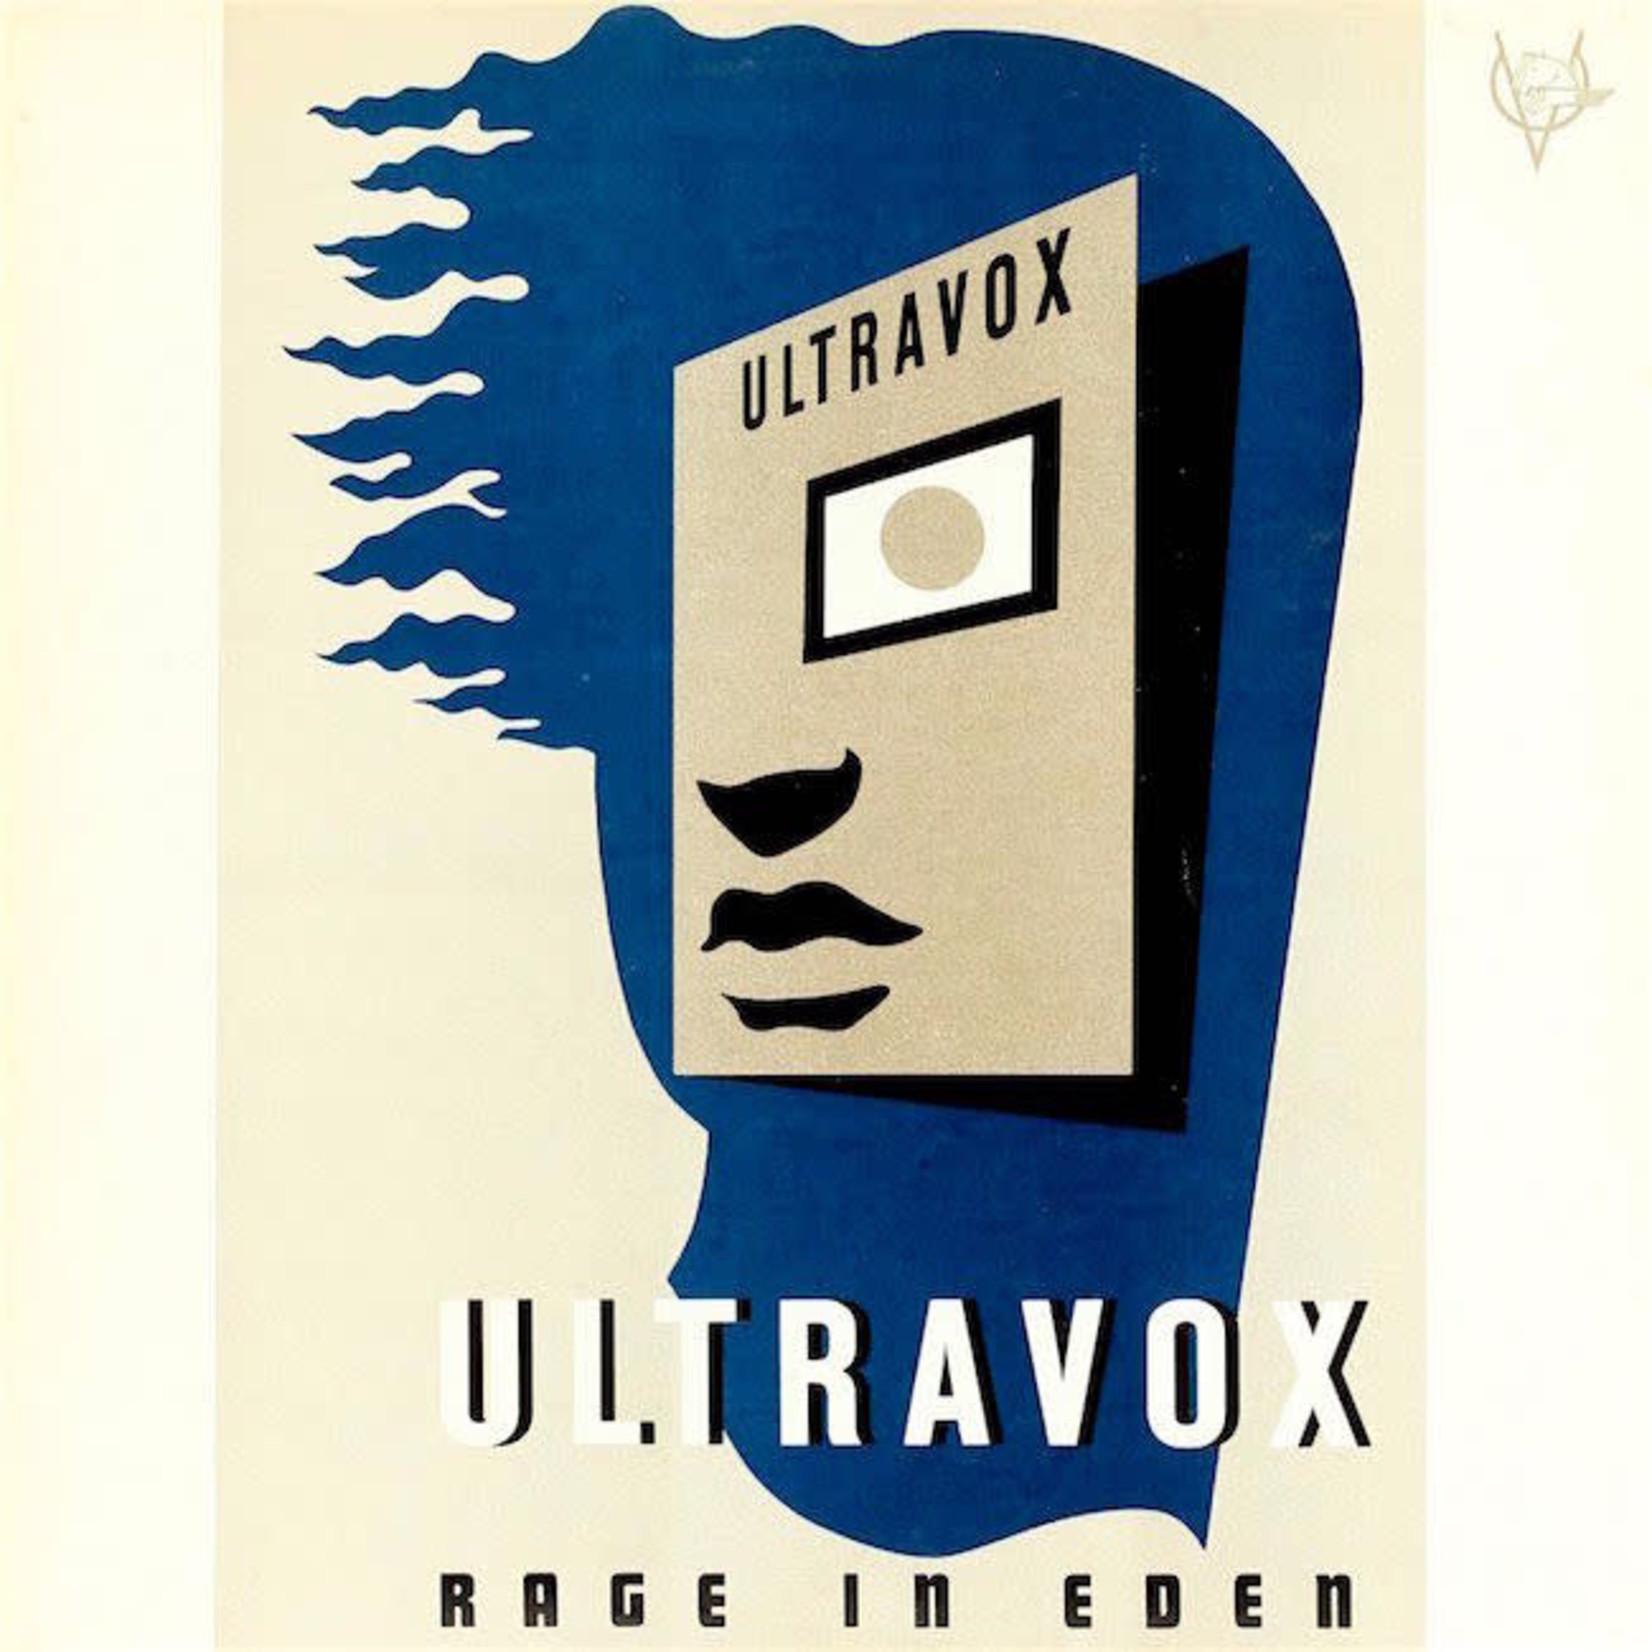 [Vintage] Ultravox: Rage in Eden